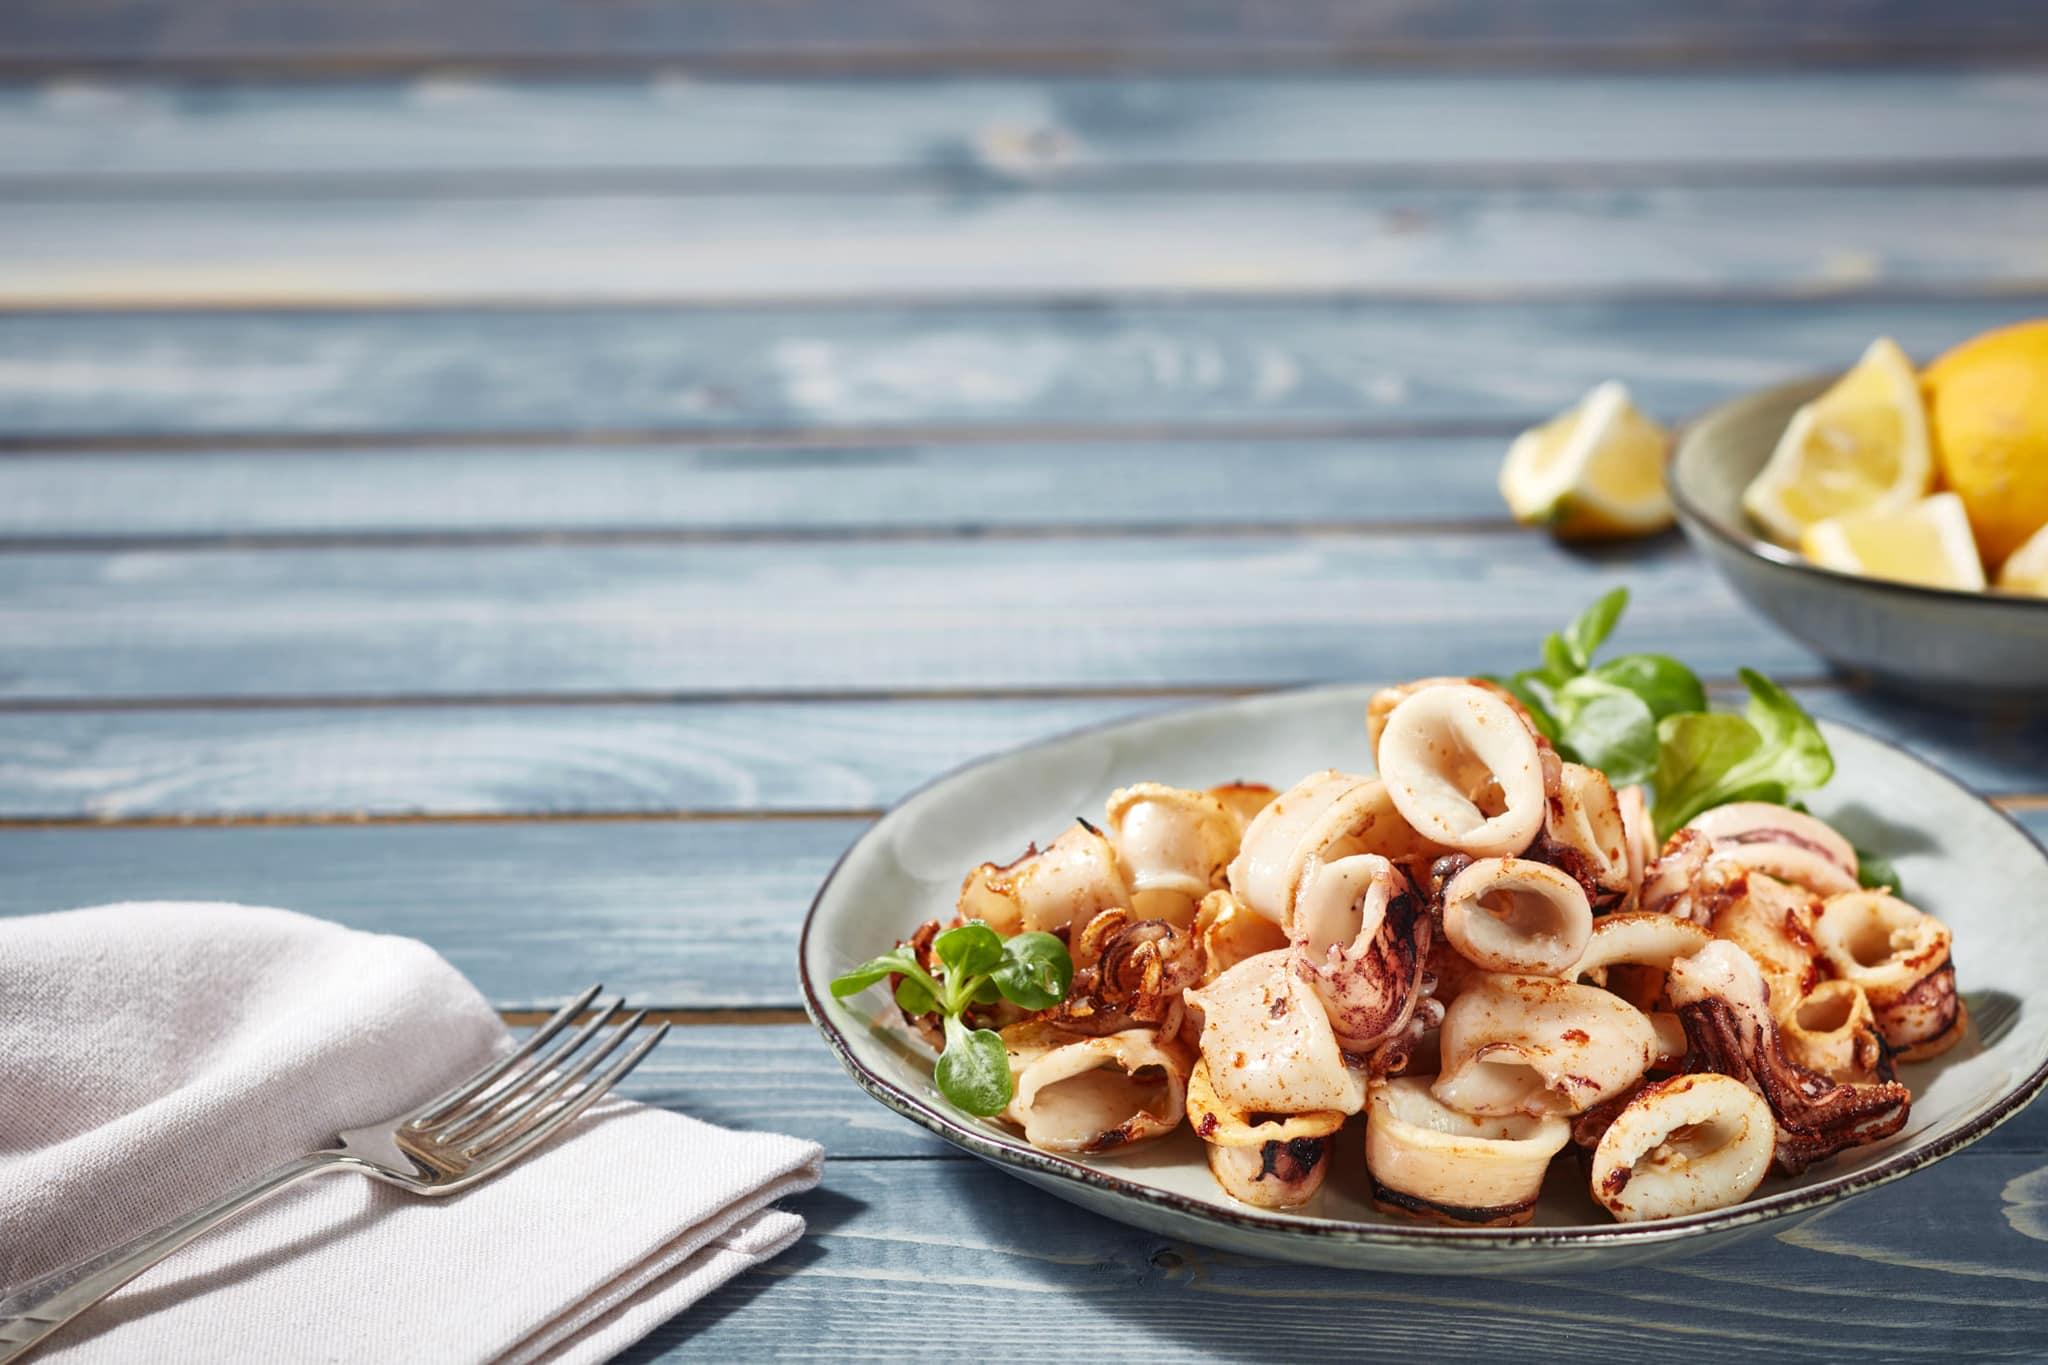 fotografo food calamari fritti advertising commerciale surgelati su fondo blu per packaging milano roma bologna modena padova